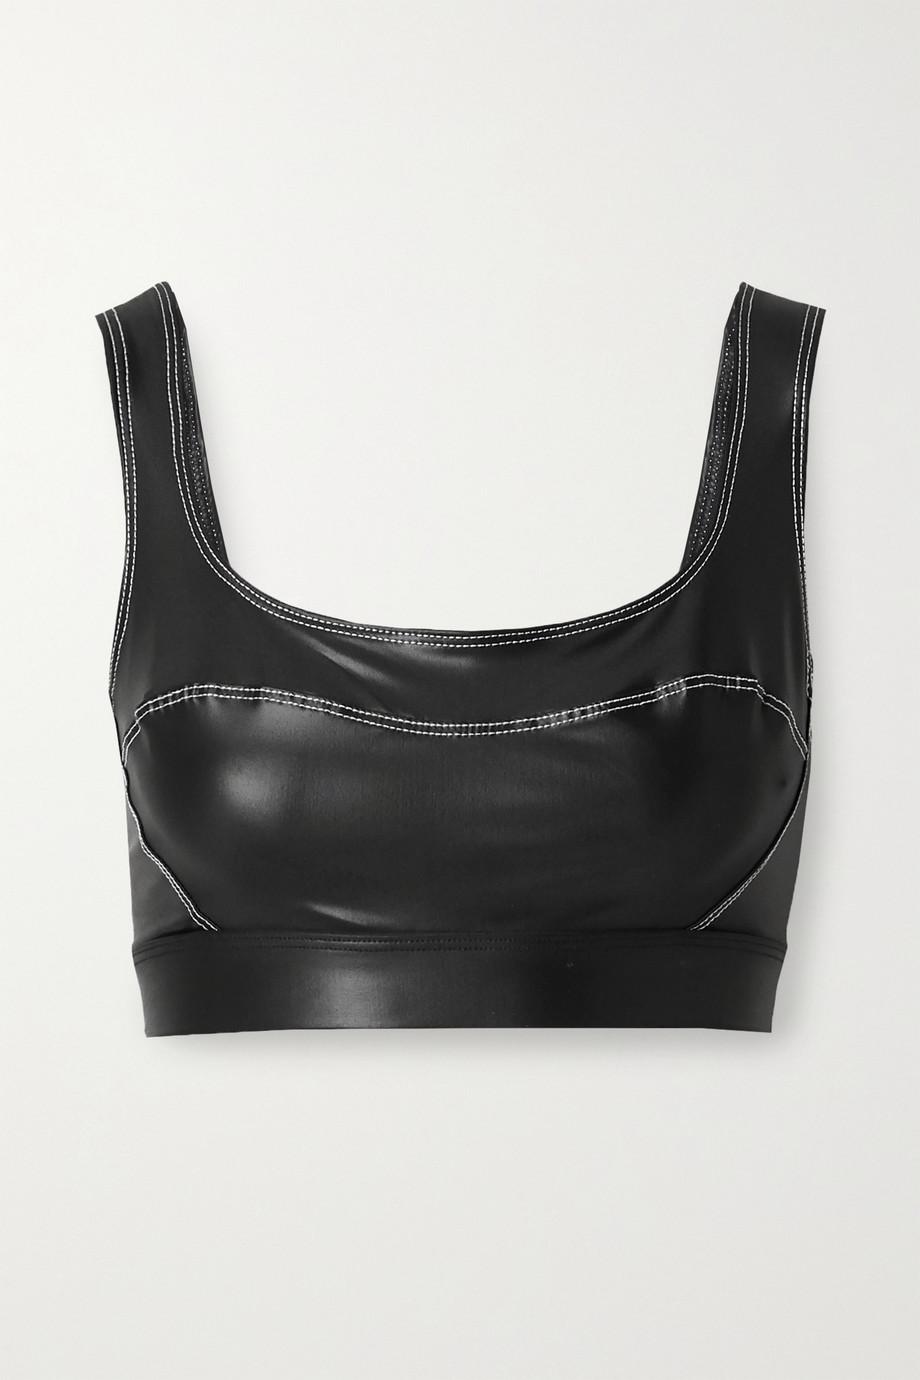 Heroine Sport Allure coated stretch sports bra